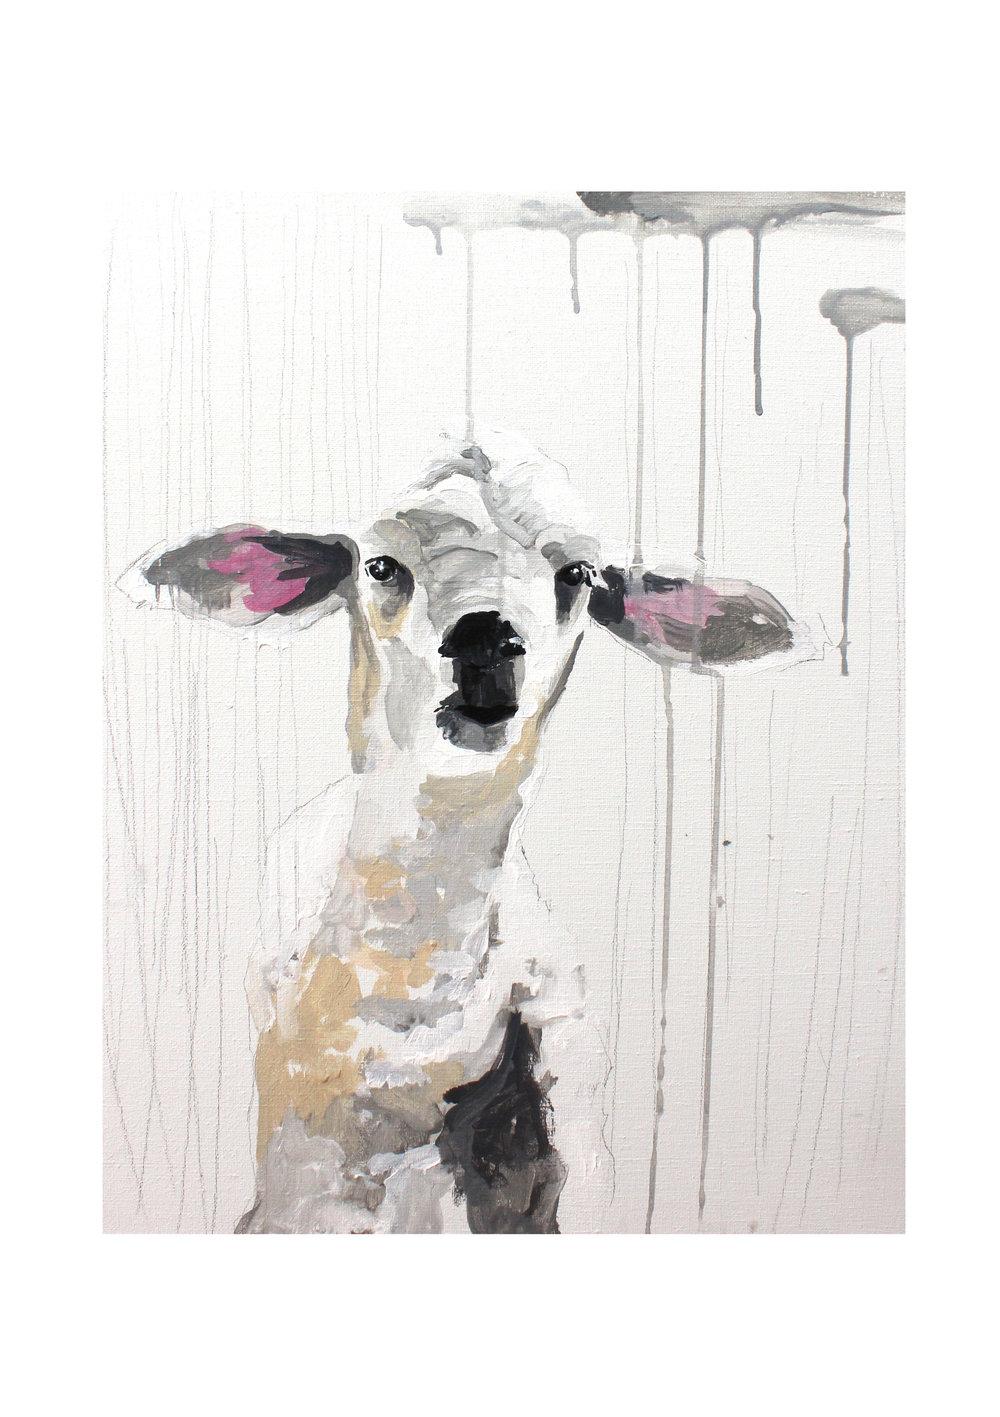 sheep+8.jpg